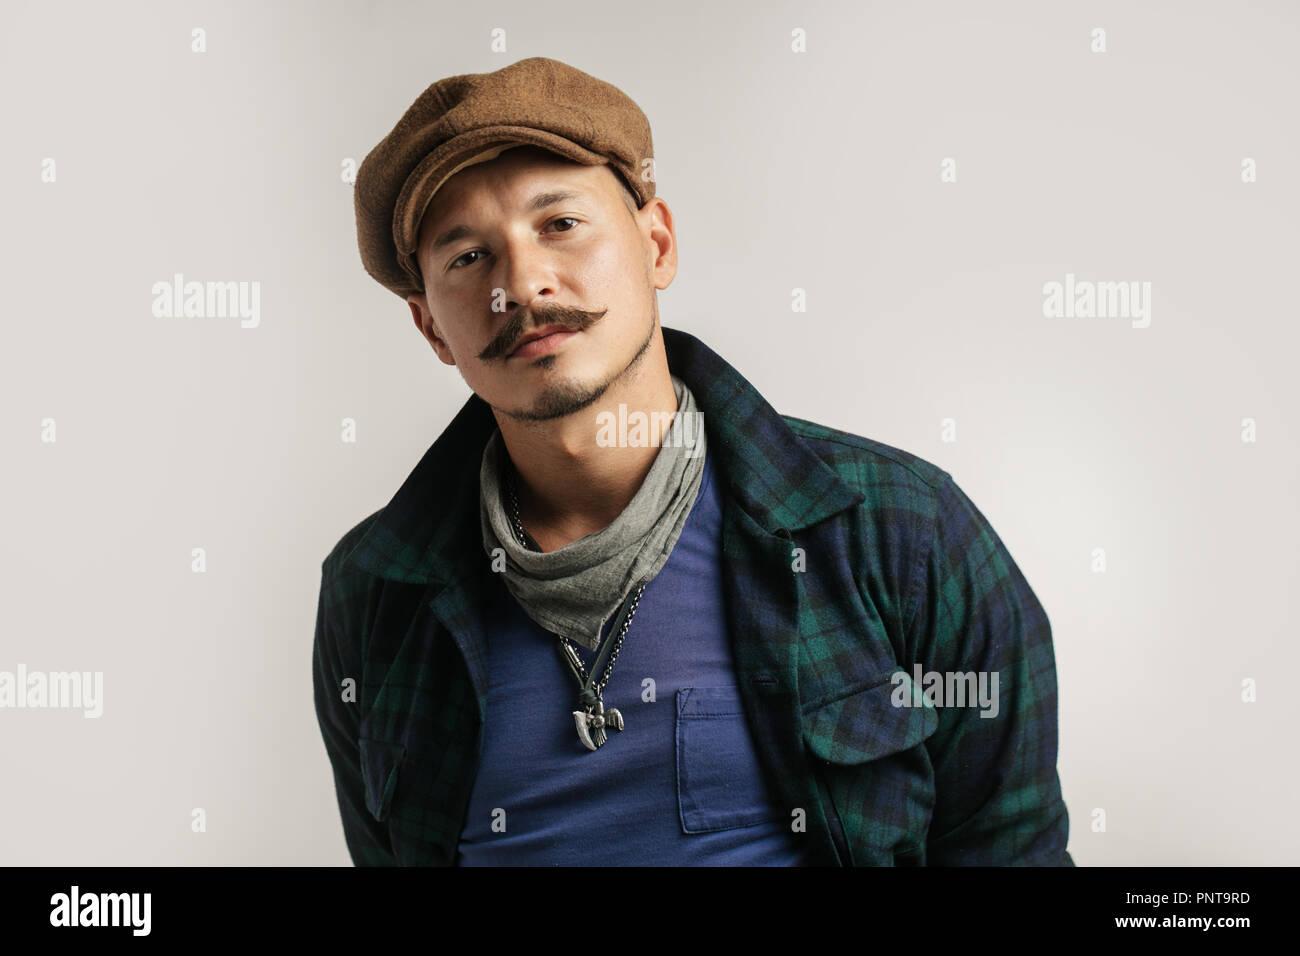 Uomo caucasico con i baffi con dubbio espressione, confondere e concetto di meraviglia. Immagini Stock